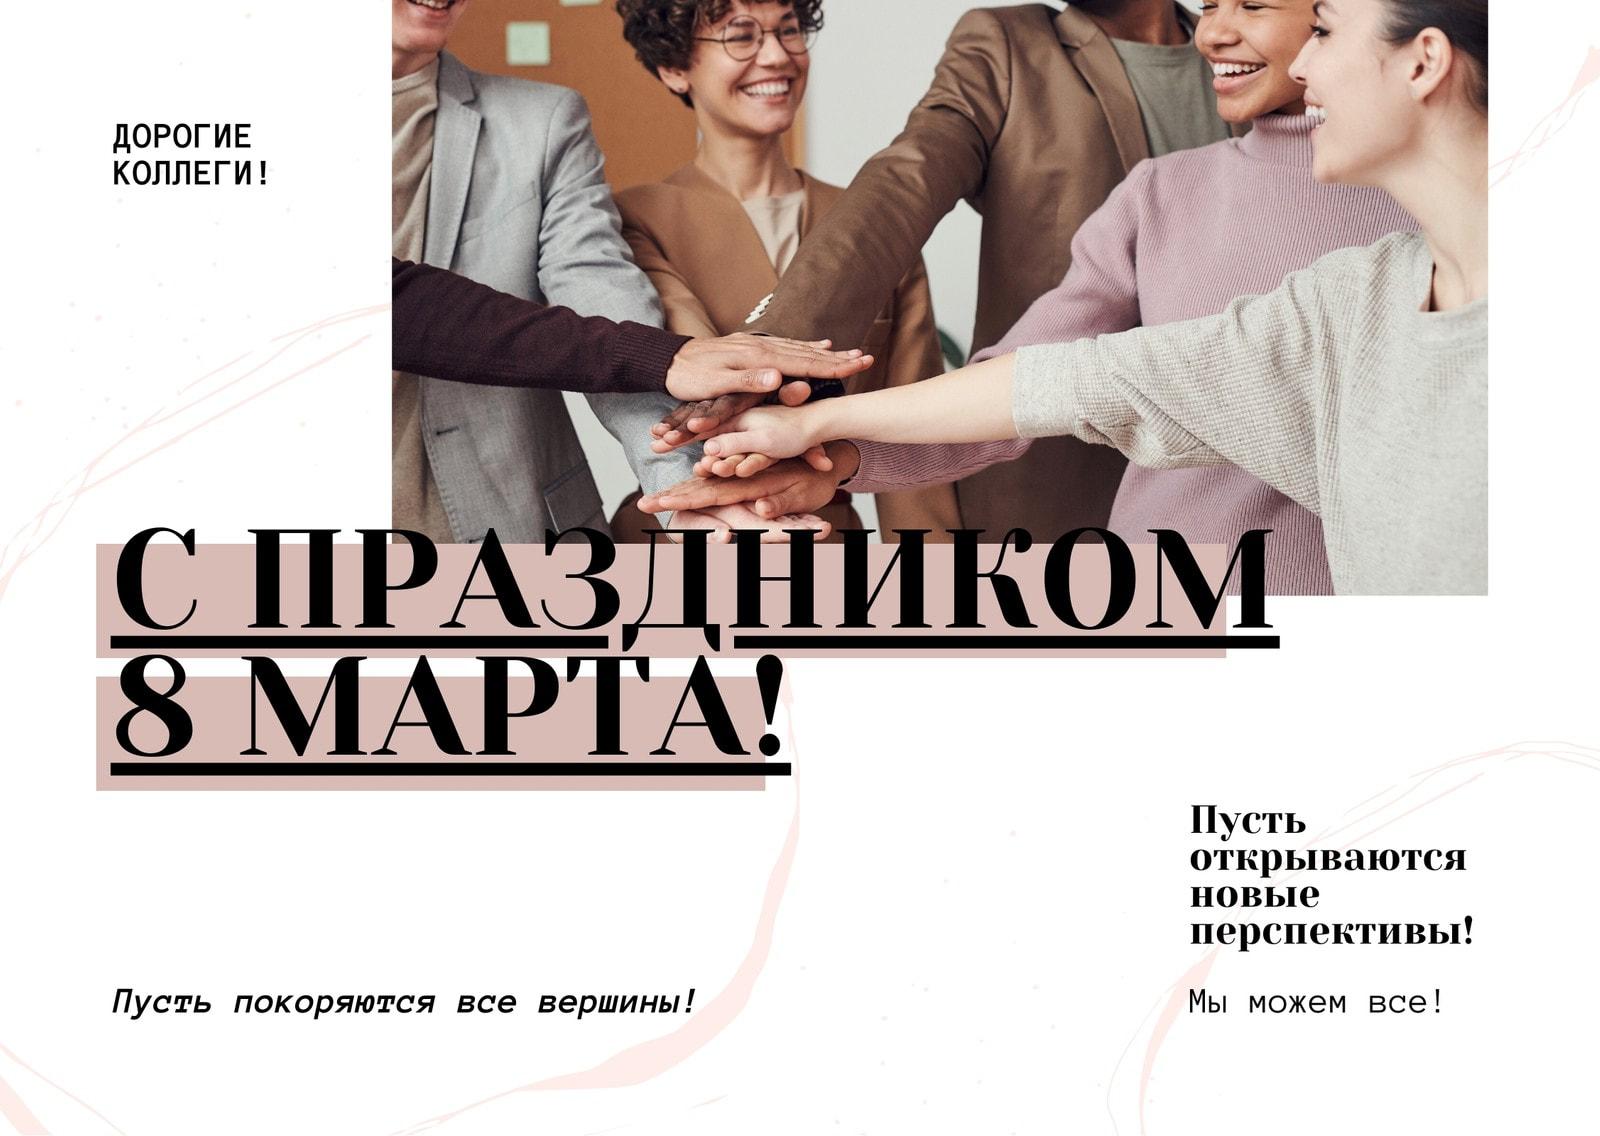 Белая открытка на женский день с фотографией команды